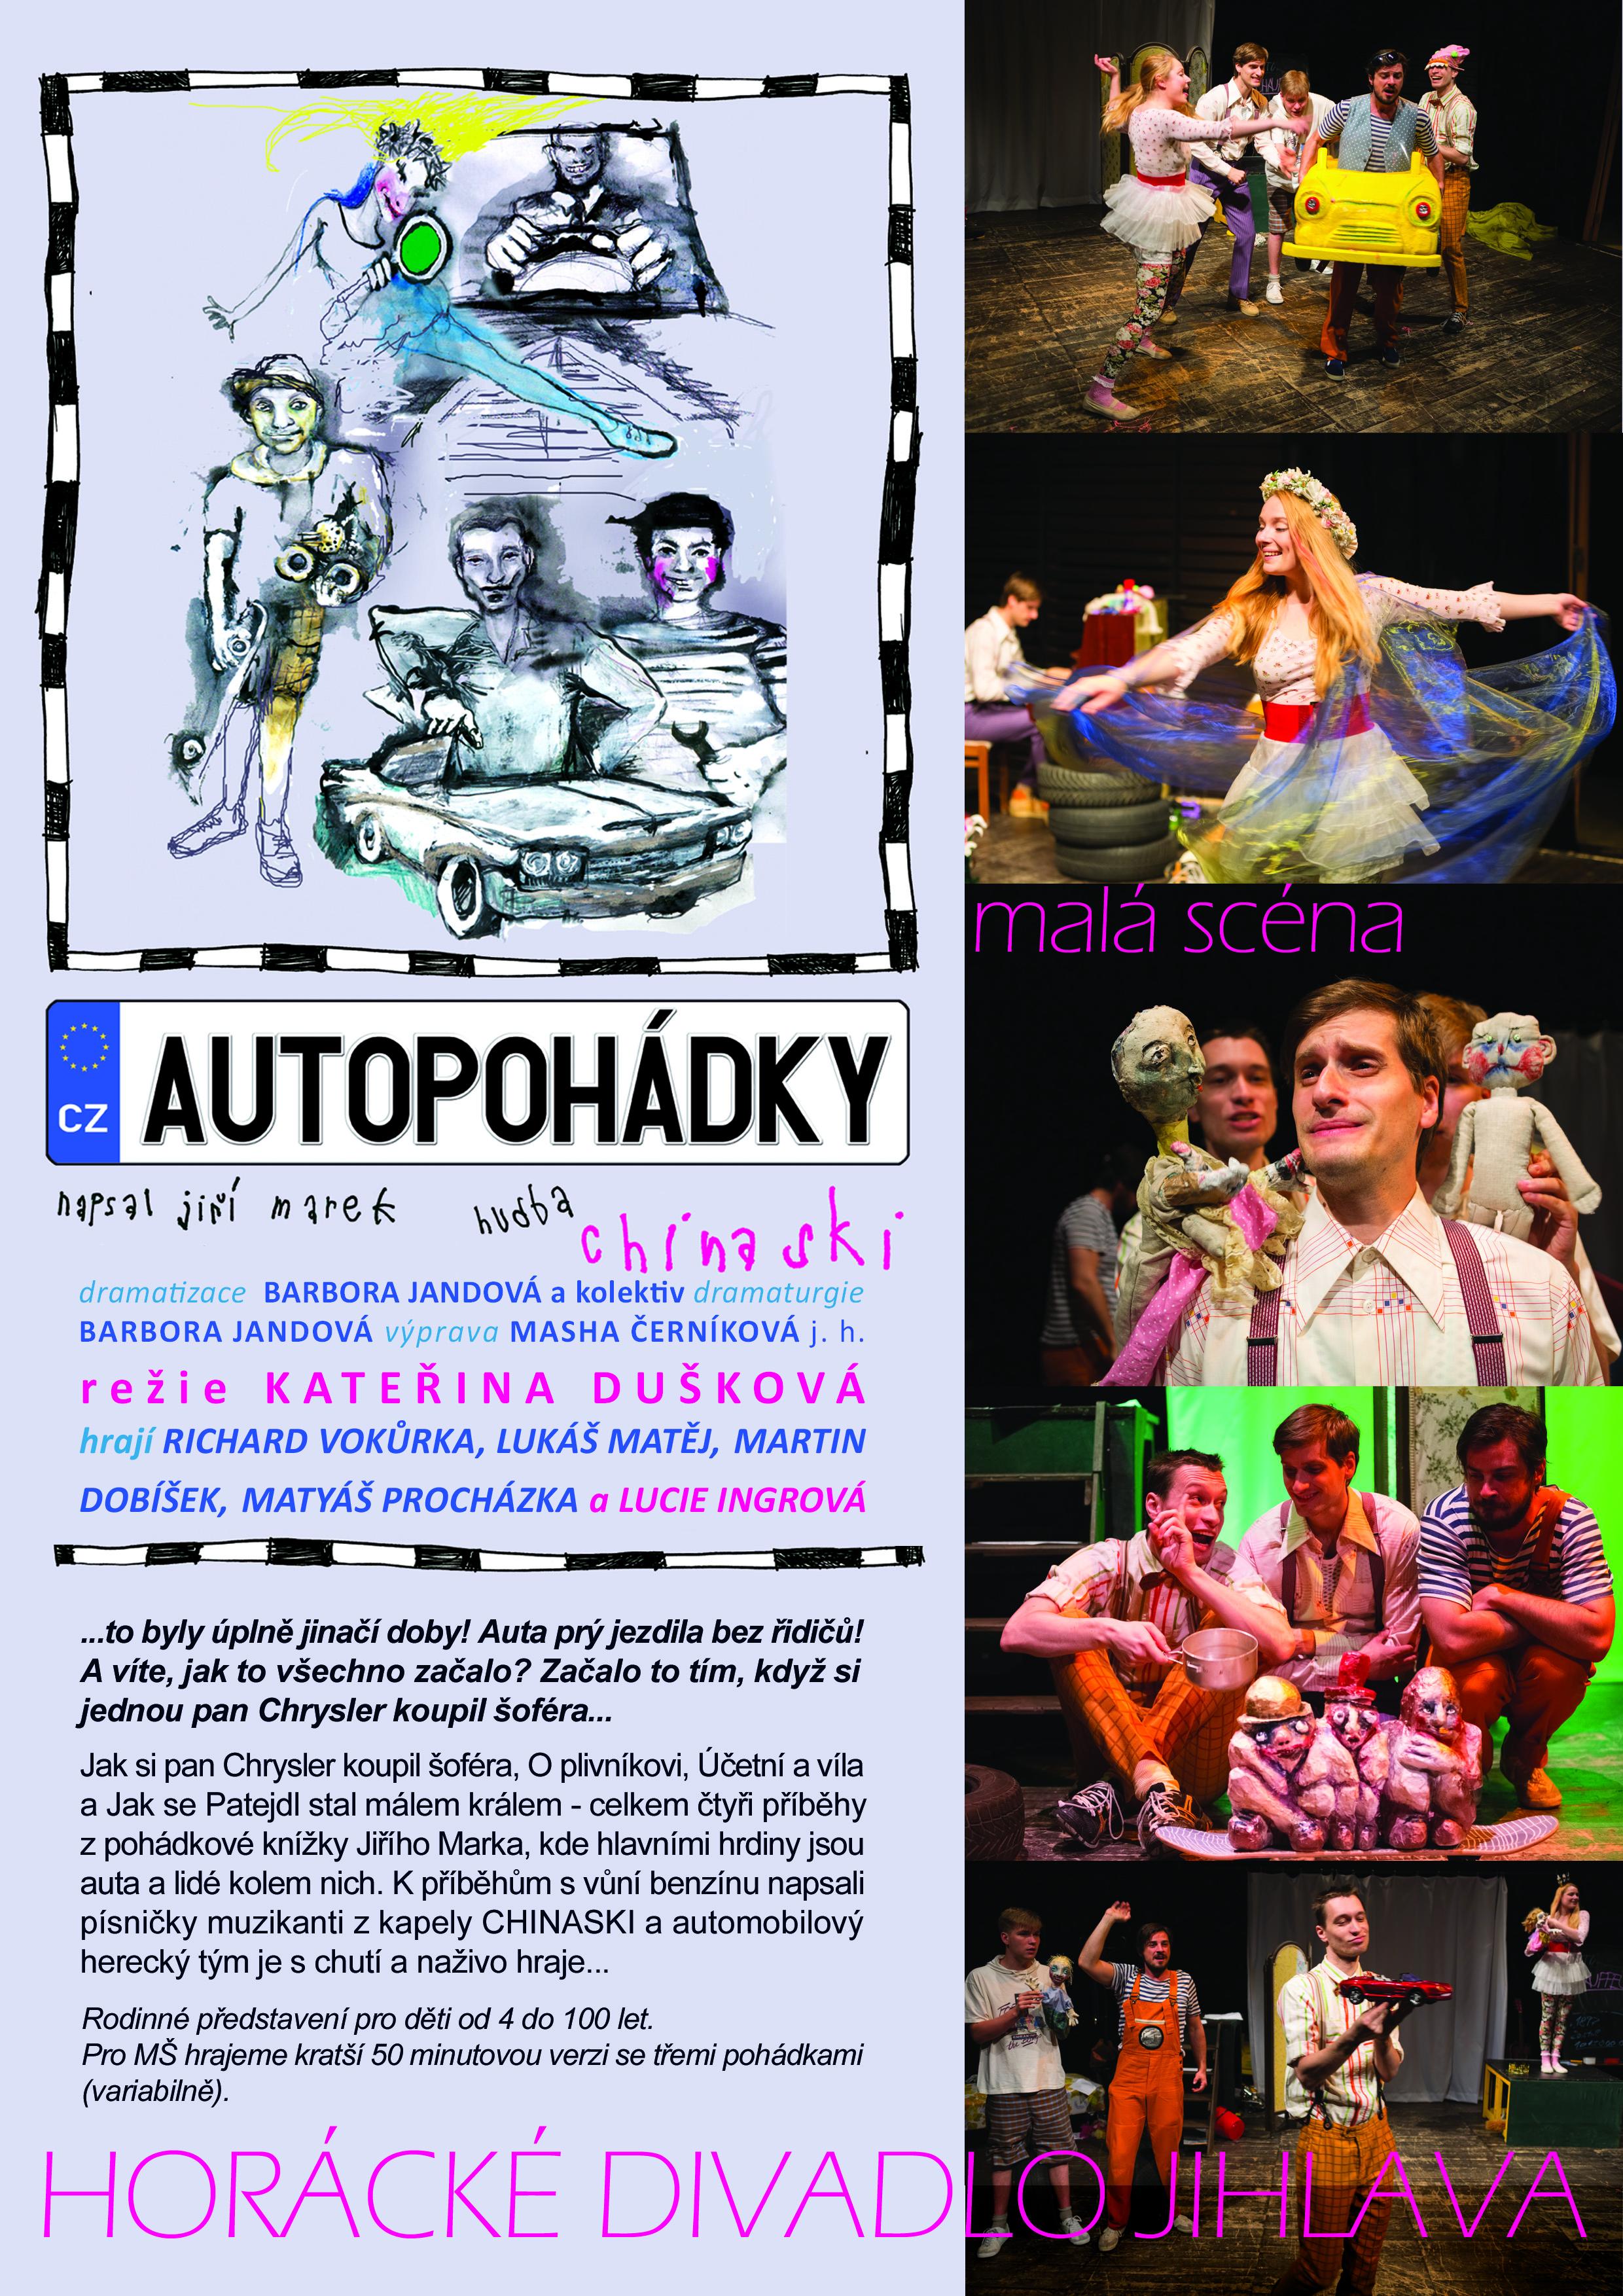 AUTOPOHÁDKY - divadelní představení - Horácké divadlo v Jihlavě